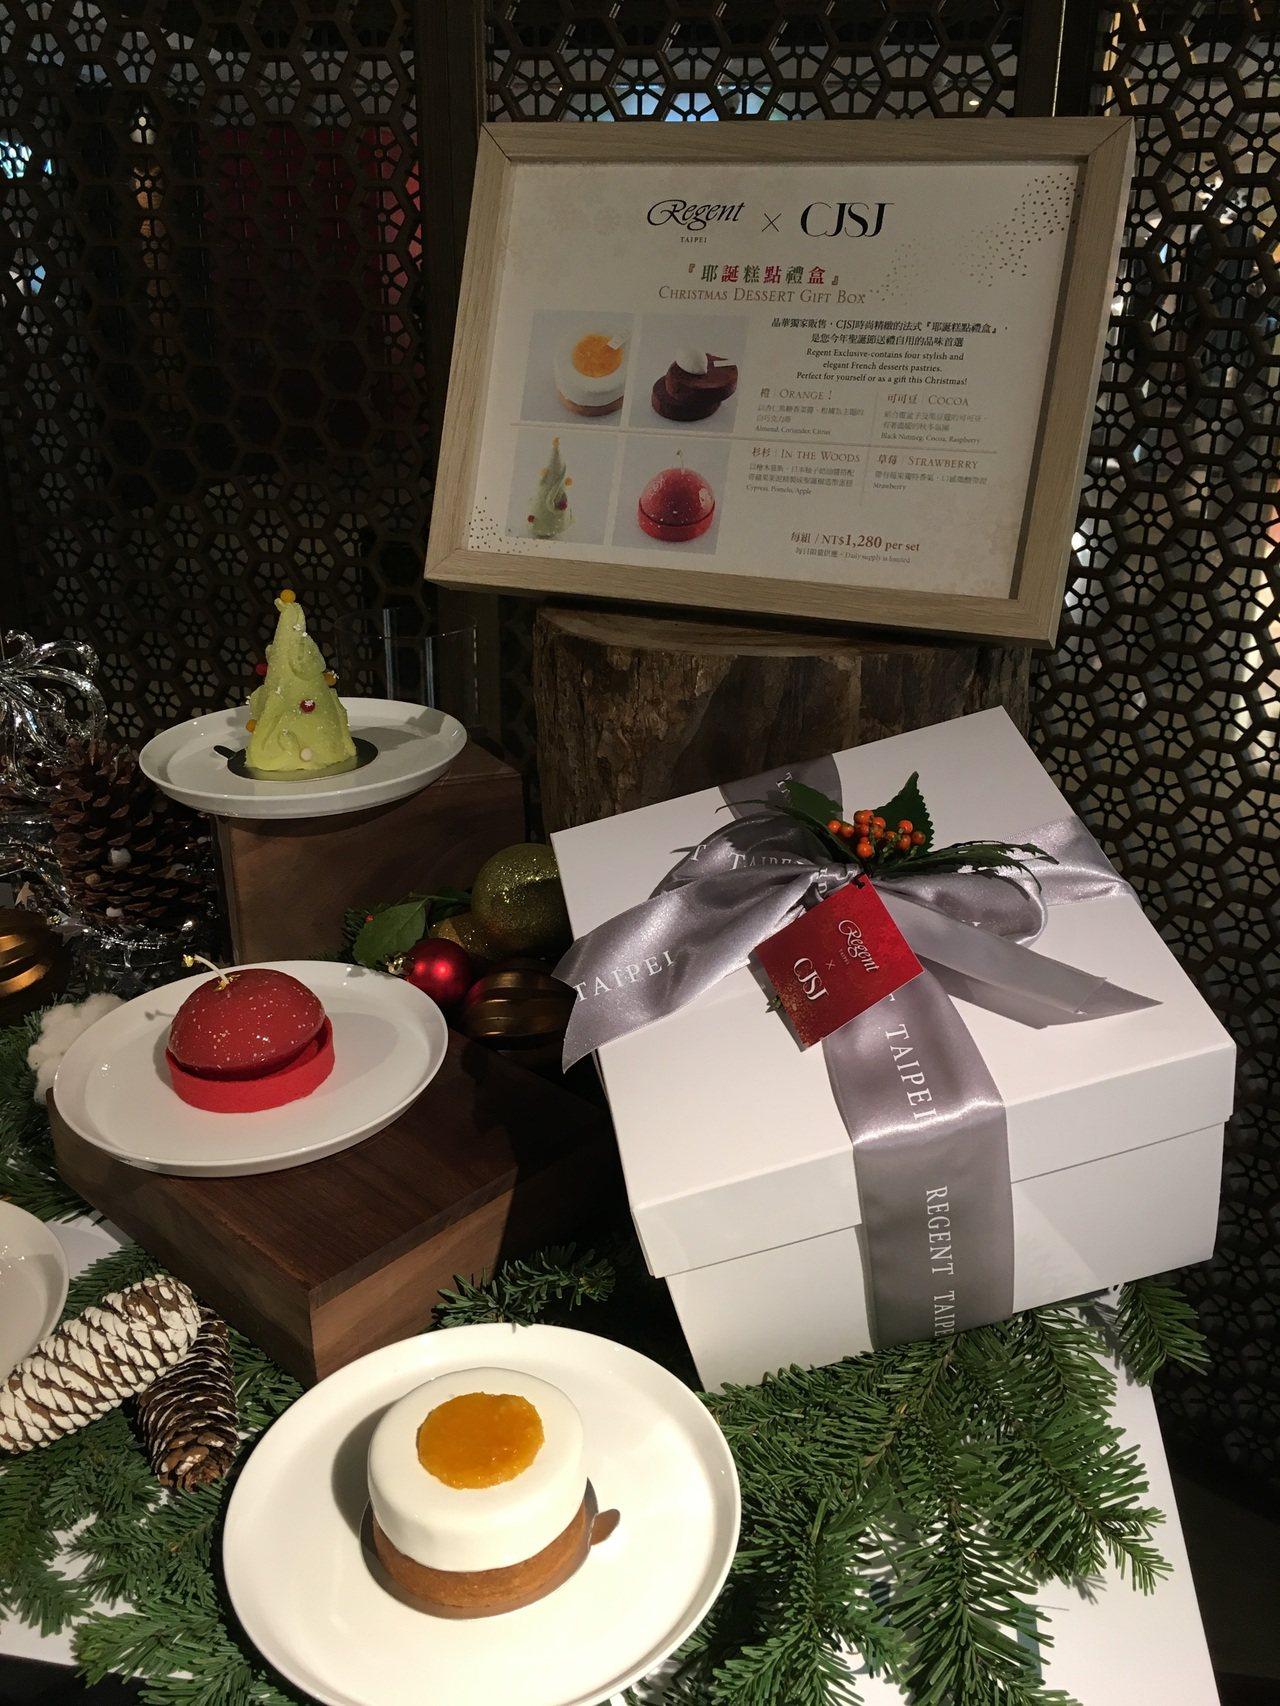 「耶誕糕點禮盒」裡有4款甜點「橙」、「可可豆」、「杉杉」、「草莓」,1,280元...